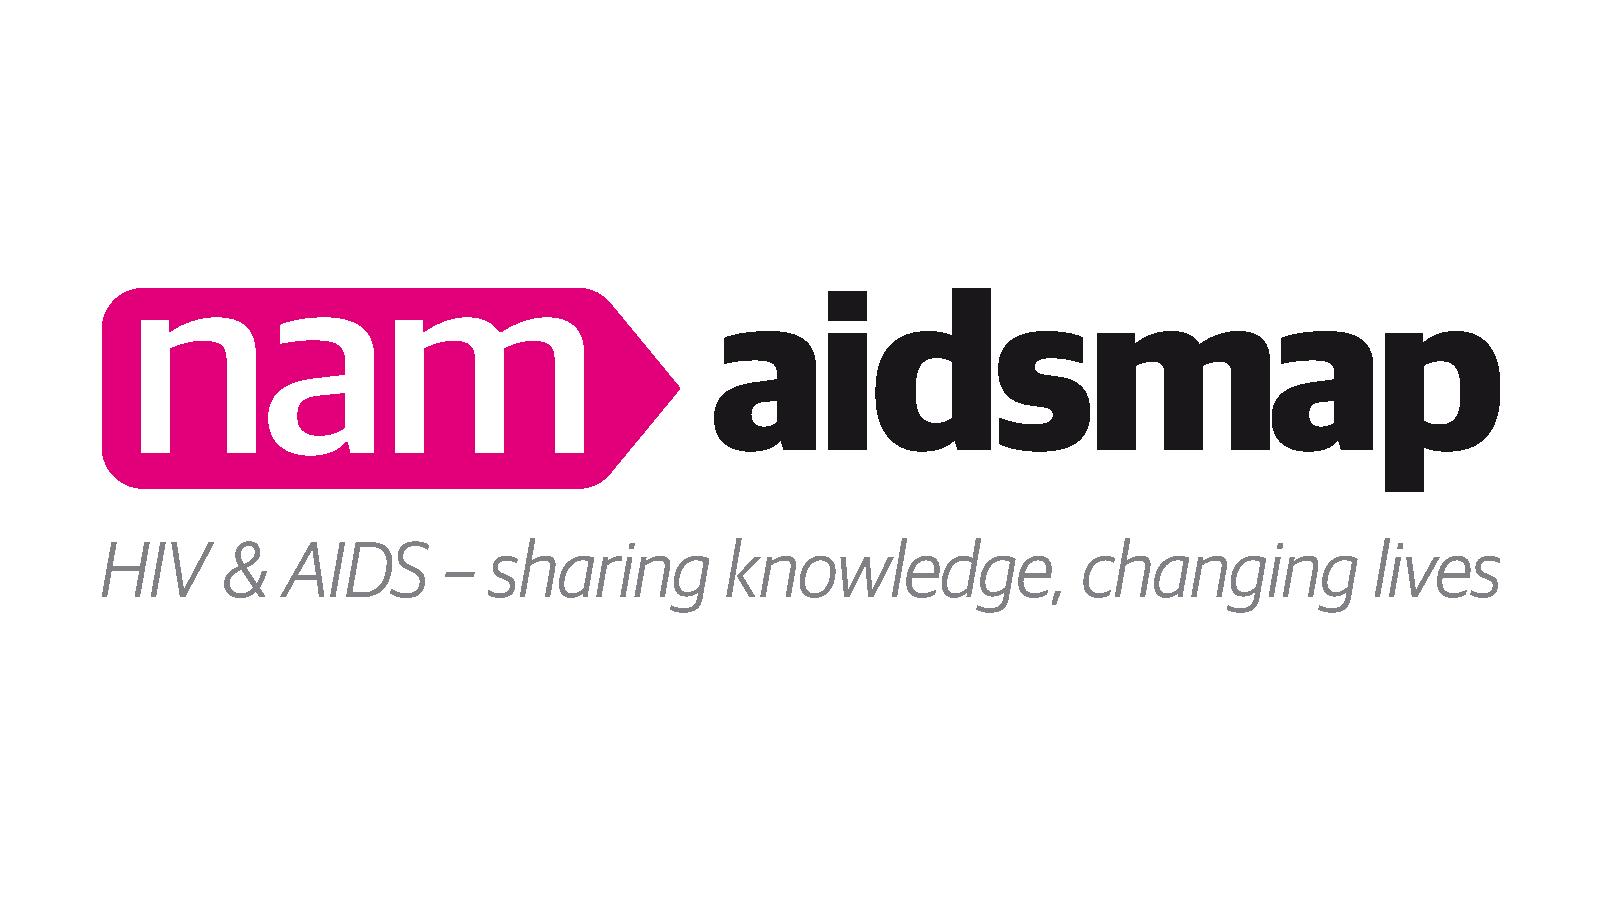 www.aidsmap.com